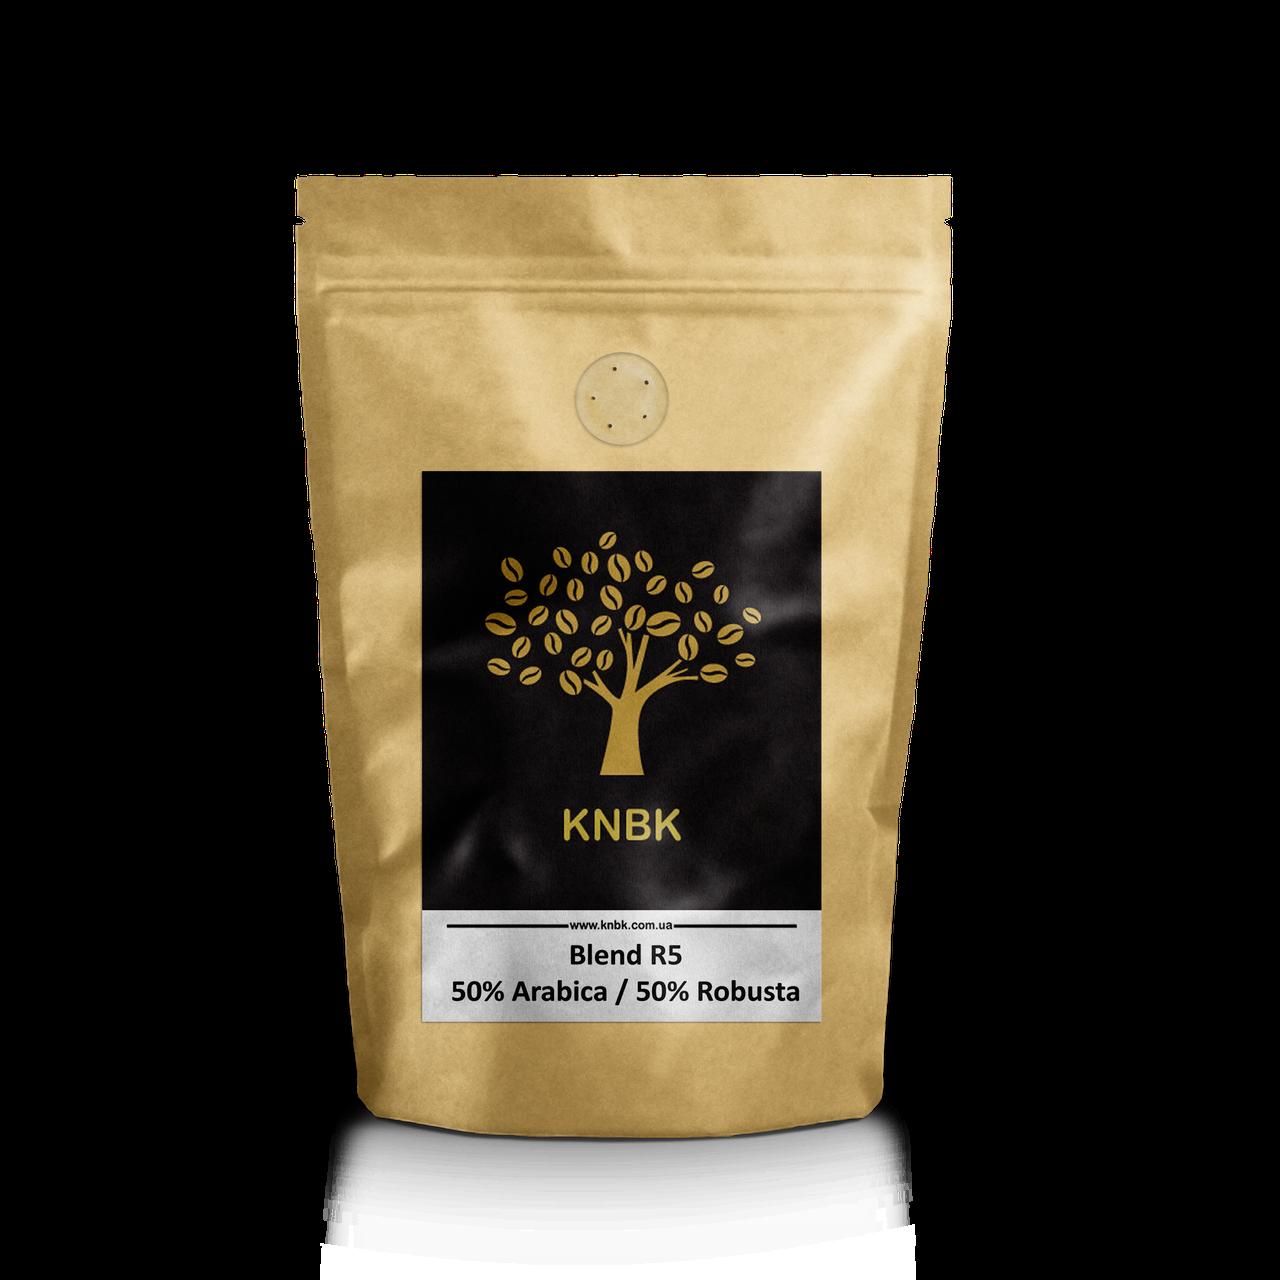 """Купаж премиум класса  """"Blend R5""""  Арабика 50 % / Робуста 50 % 250г. Свежеобжаренный кофе"""